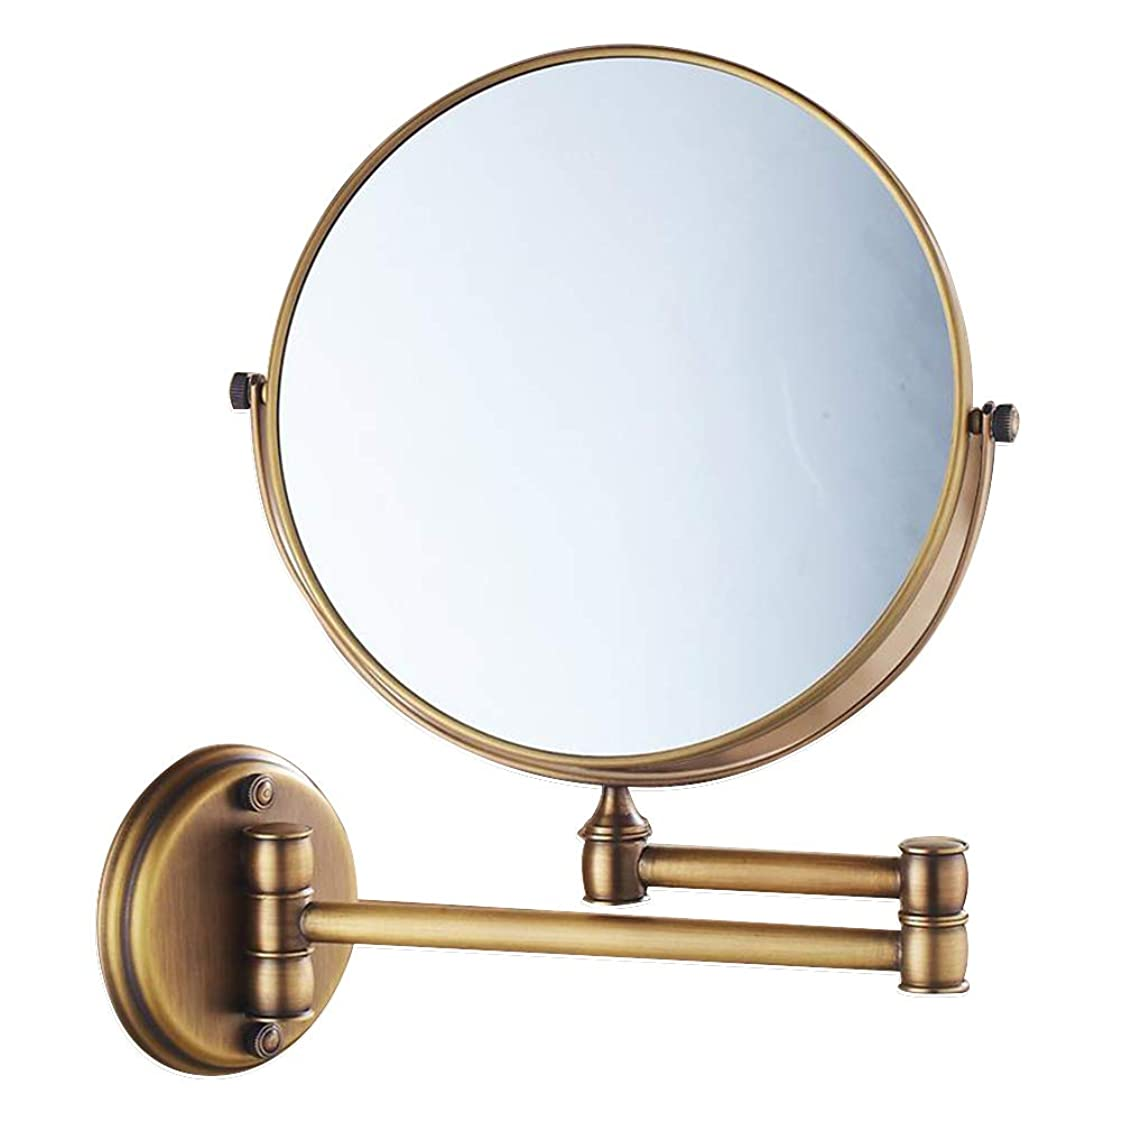 交換動揺させるアクションHUYYA 3倍拡大 化粧鏡、両面 壁掛け式 けメイクミラー 360 °回転 伸縮可能折りバスルームの鏡,Bronze_8inch